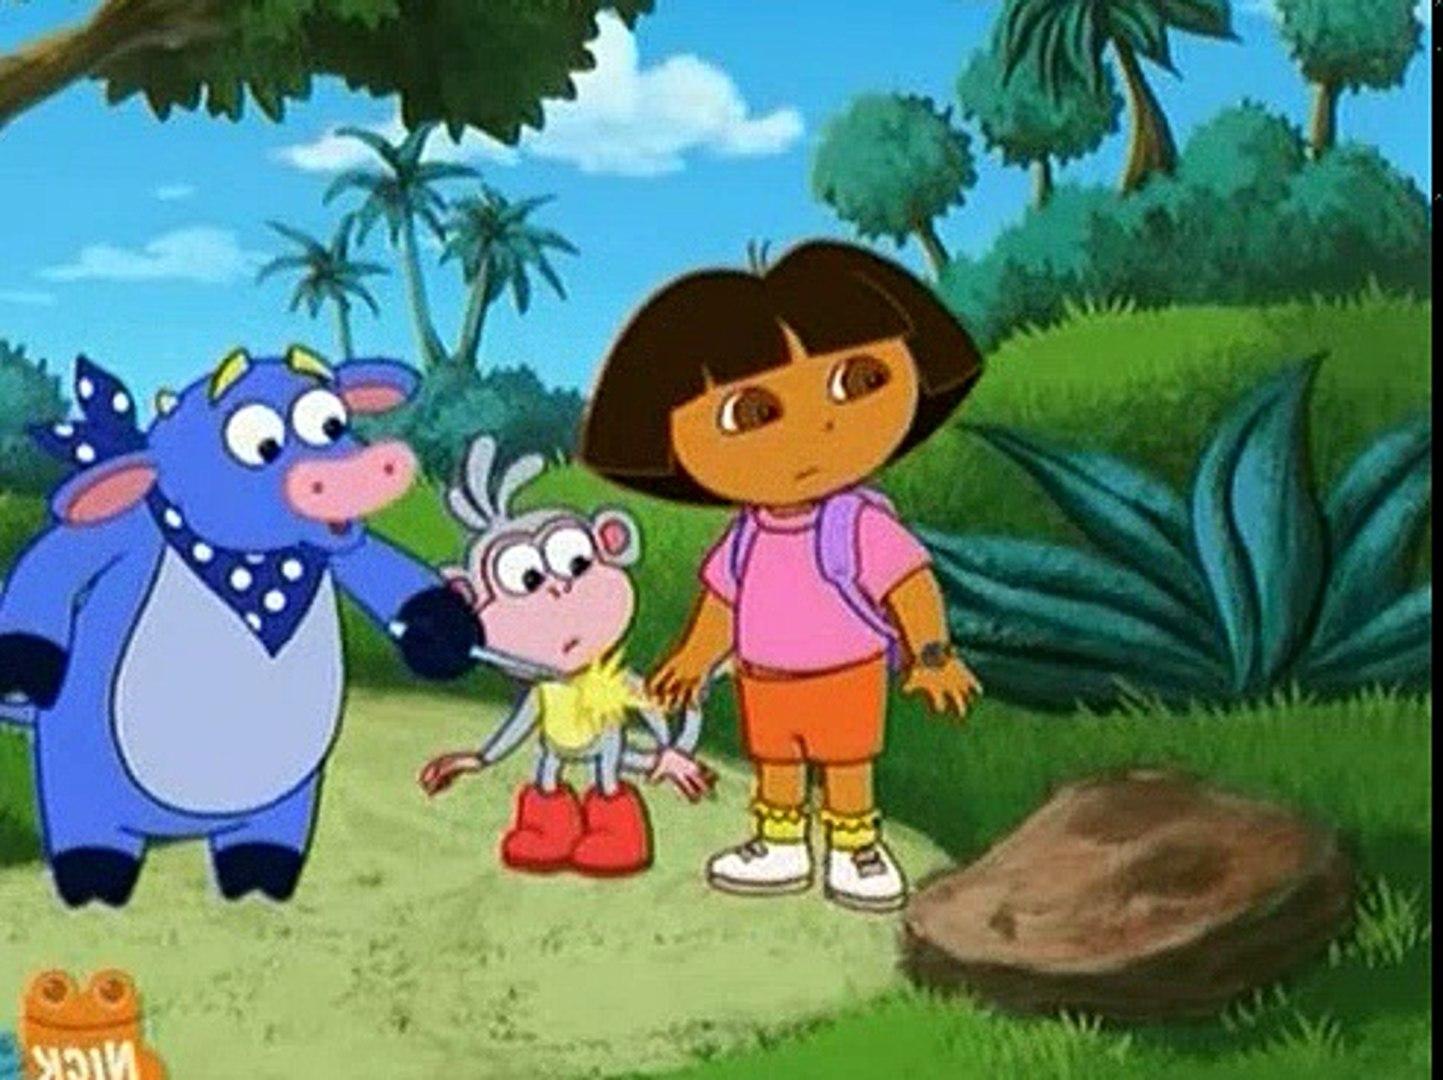 Dora the Explorer 305 - The Big Potato